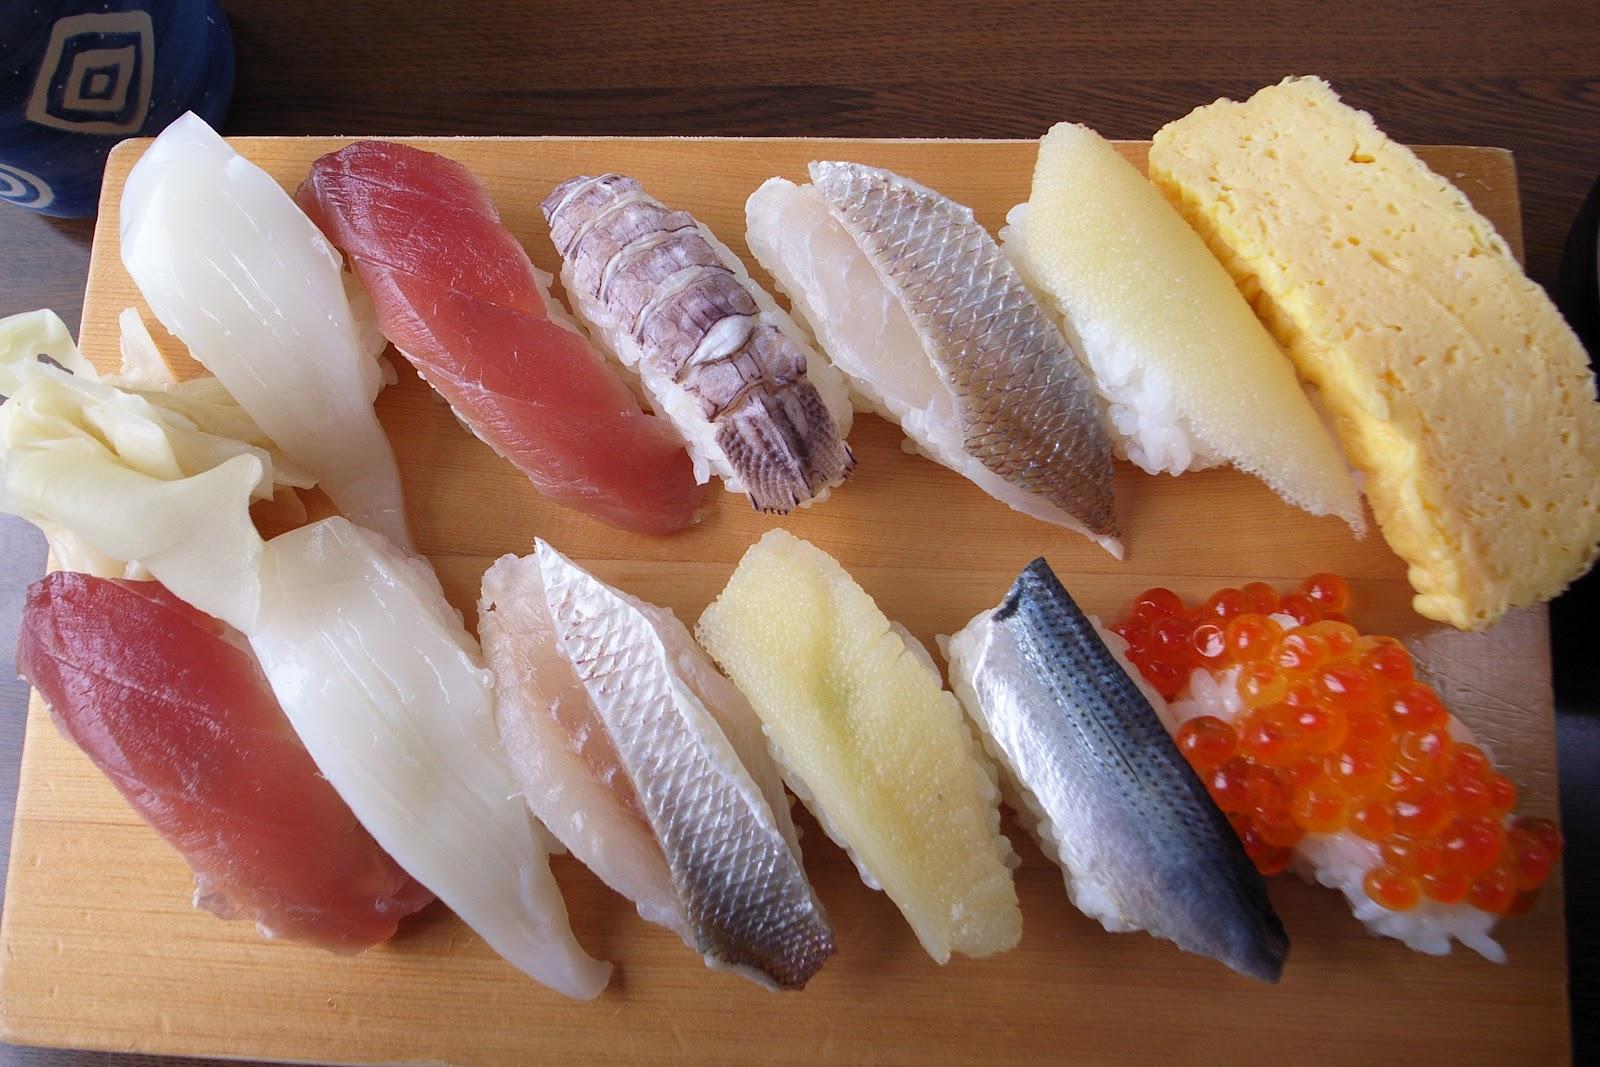 勝手に古川マラソン大会 勝手に古川マラソン大会: 安くてまずい寿司   安くてまずい寿司